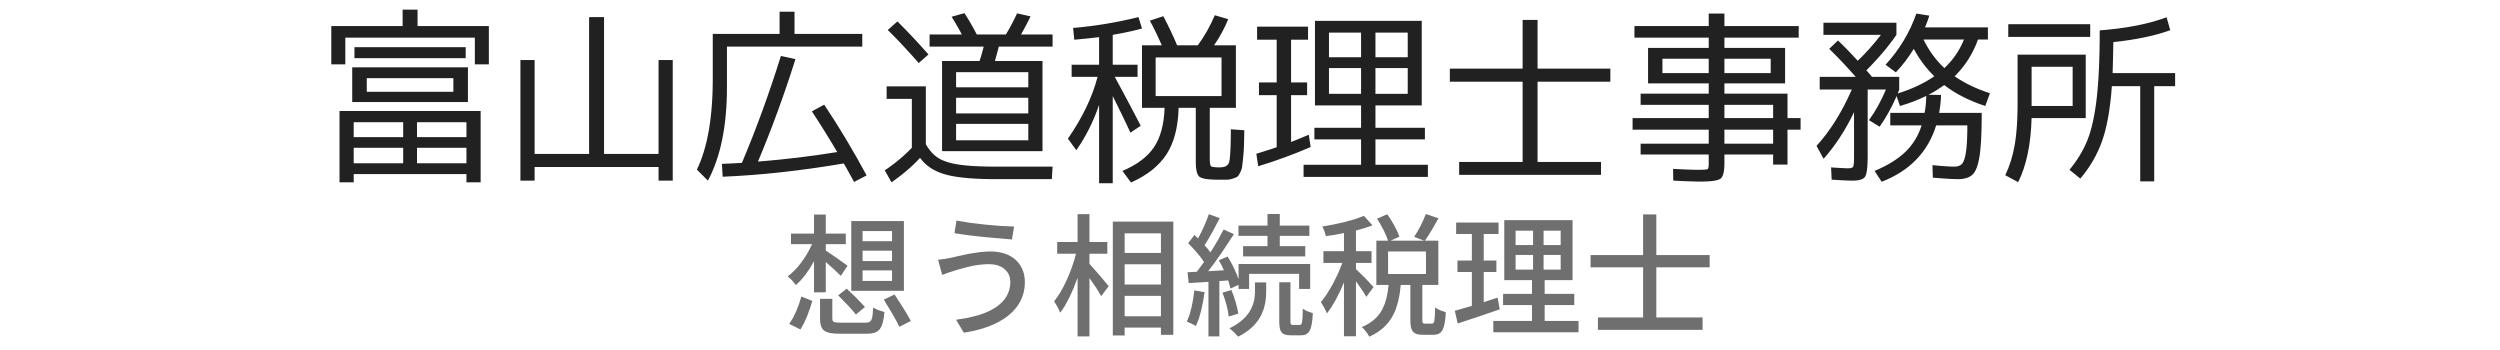 相続税対応【富山広道税理士事務所】